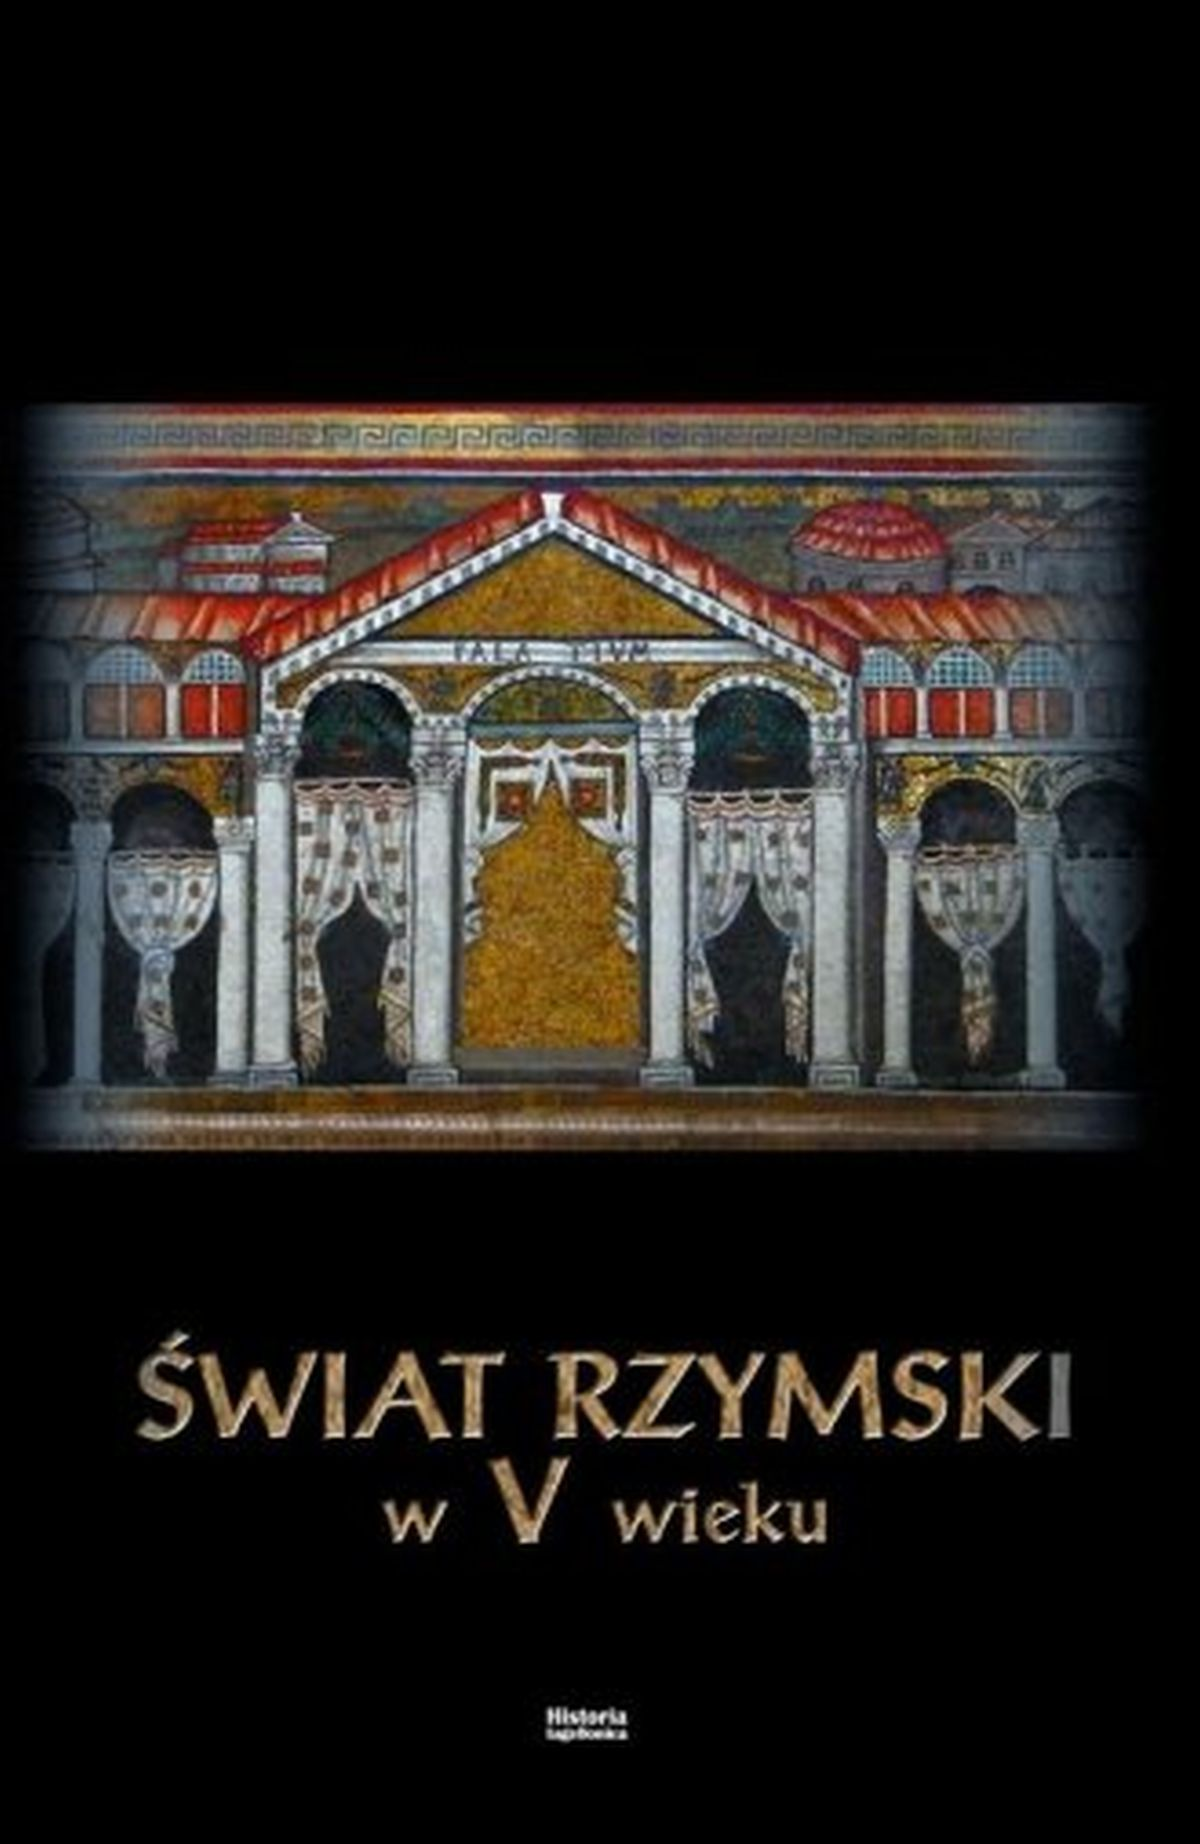 Świat rzymski w V wieku